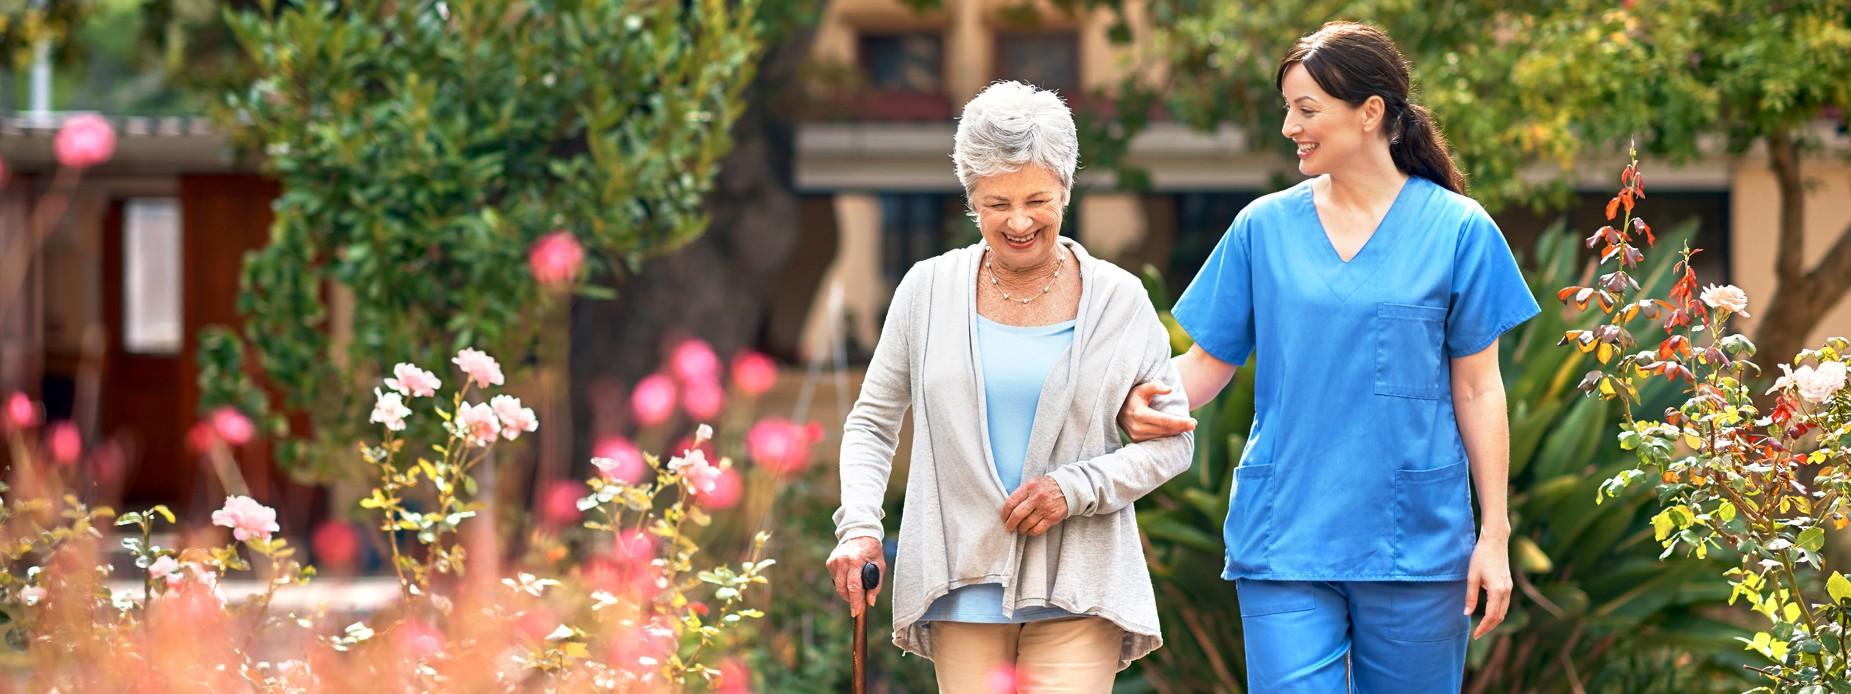 Pflegerin geht mit Seniorin spazieren